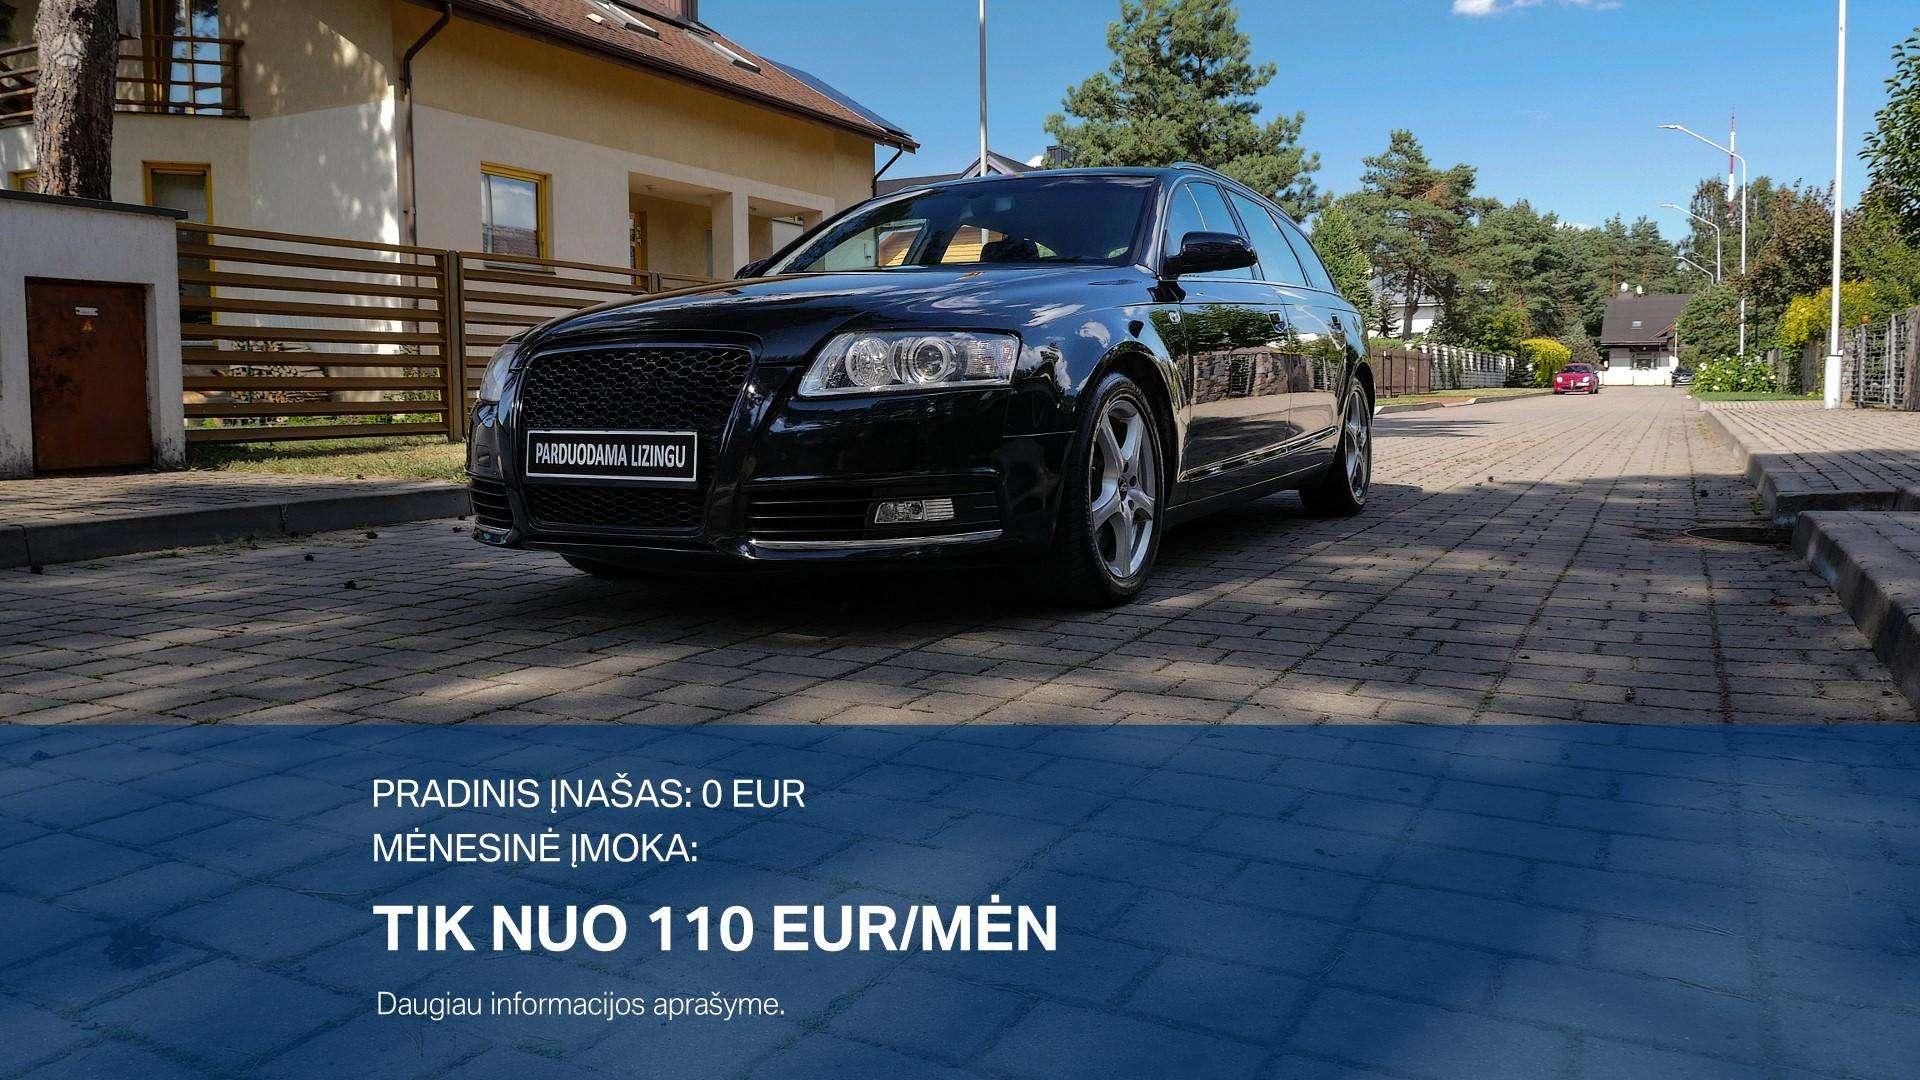 Audi A6 Išsimokėtinai nuo 110Eur/Mėn su 3 mėnesių garantija